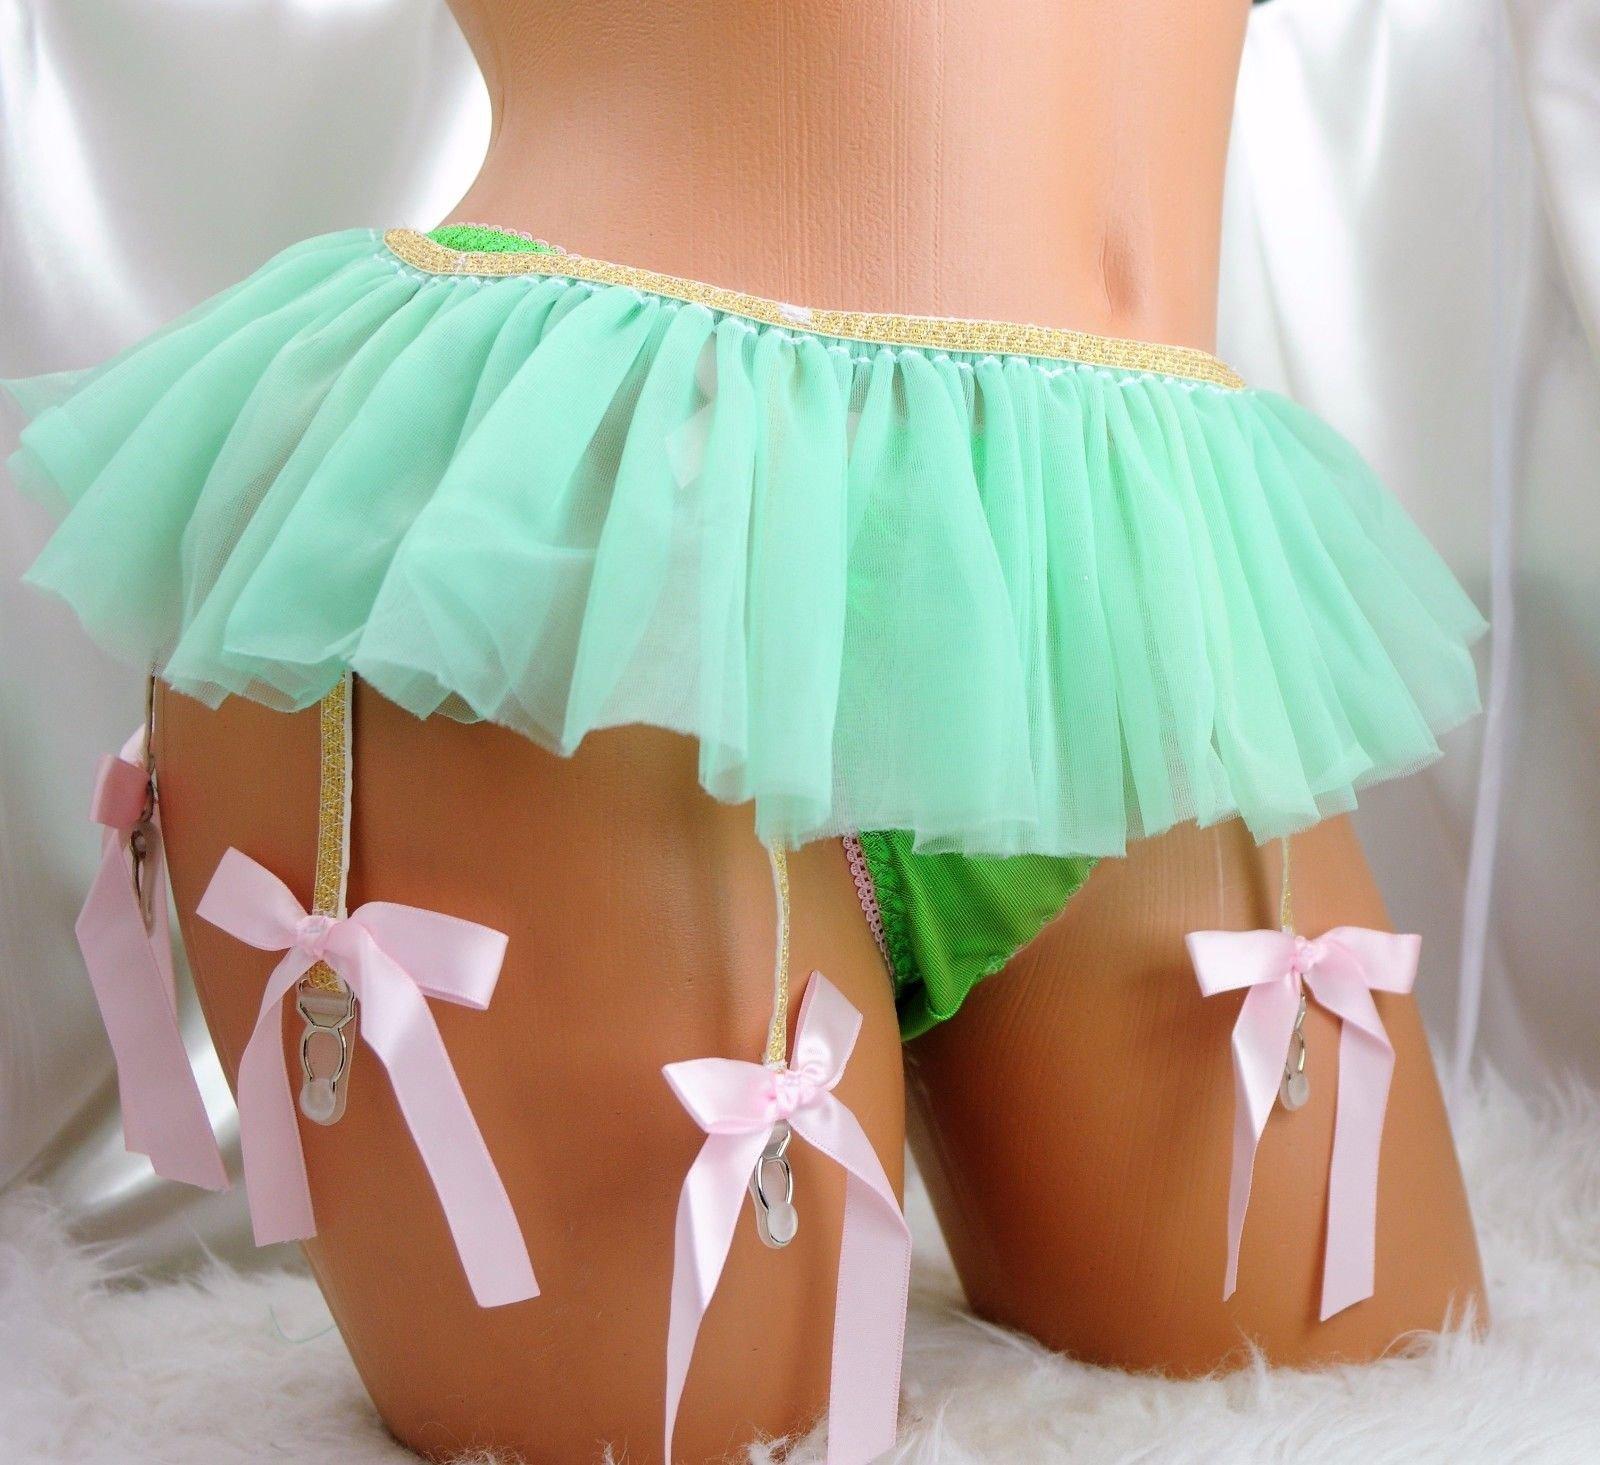 Stunning tutu skirt lacy sissy bridal 6 strap garter belt  for Men or Women 0041